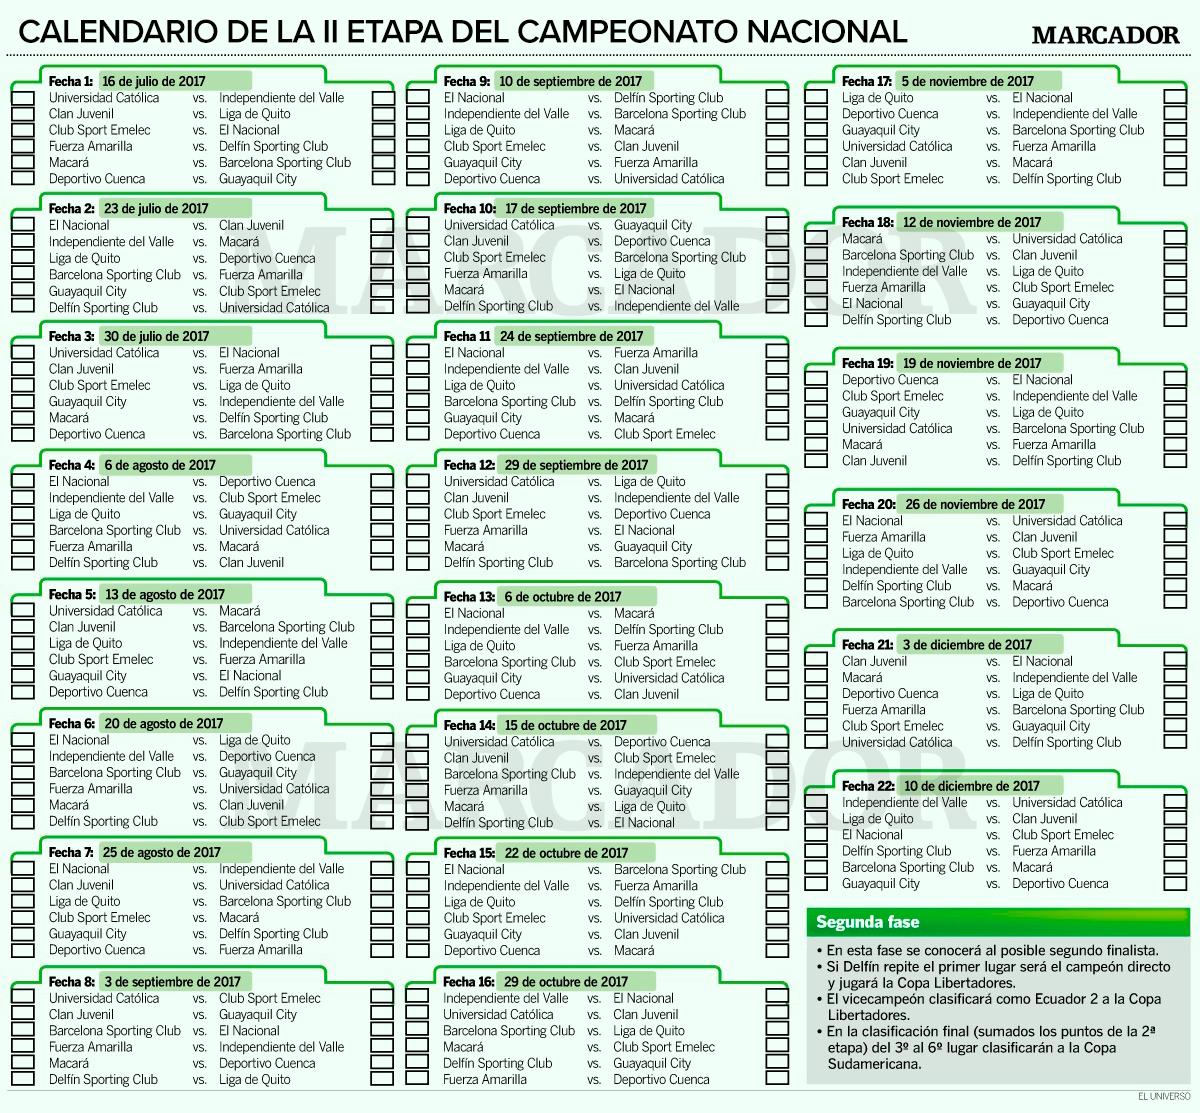 Calendario De La Segunda Etapa Del Campeonato Ecuatoriano 2017 Campeonato Nacional Deportes El Universo